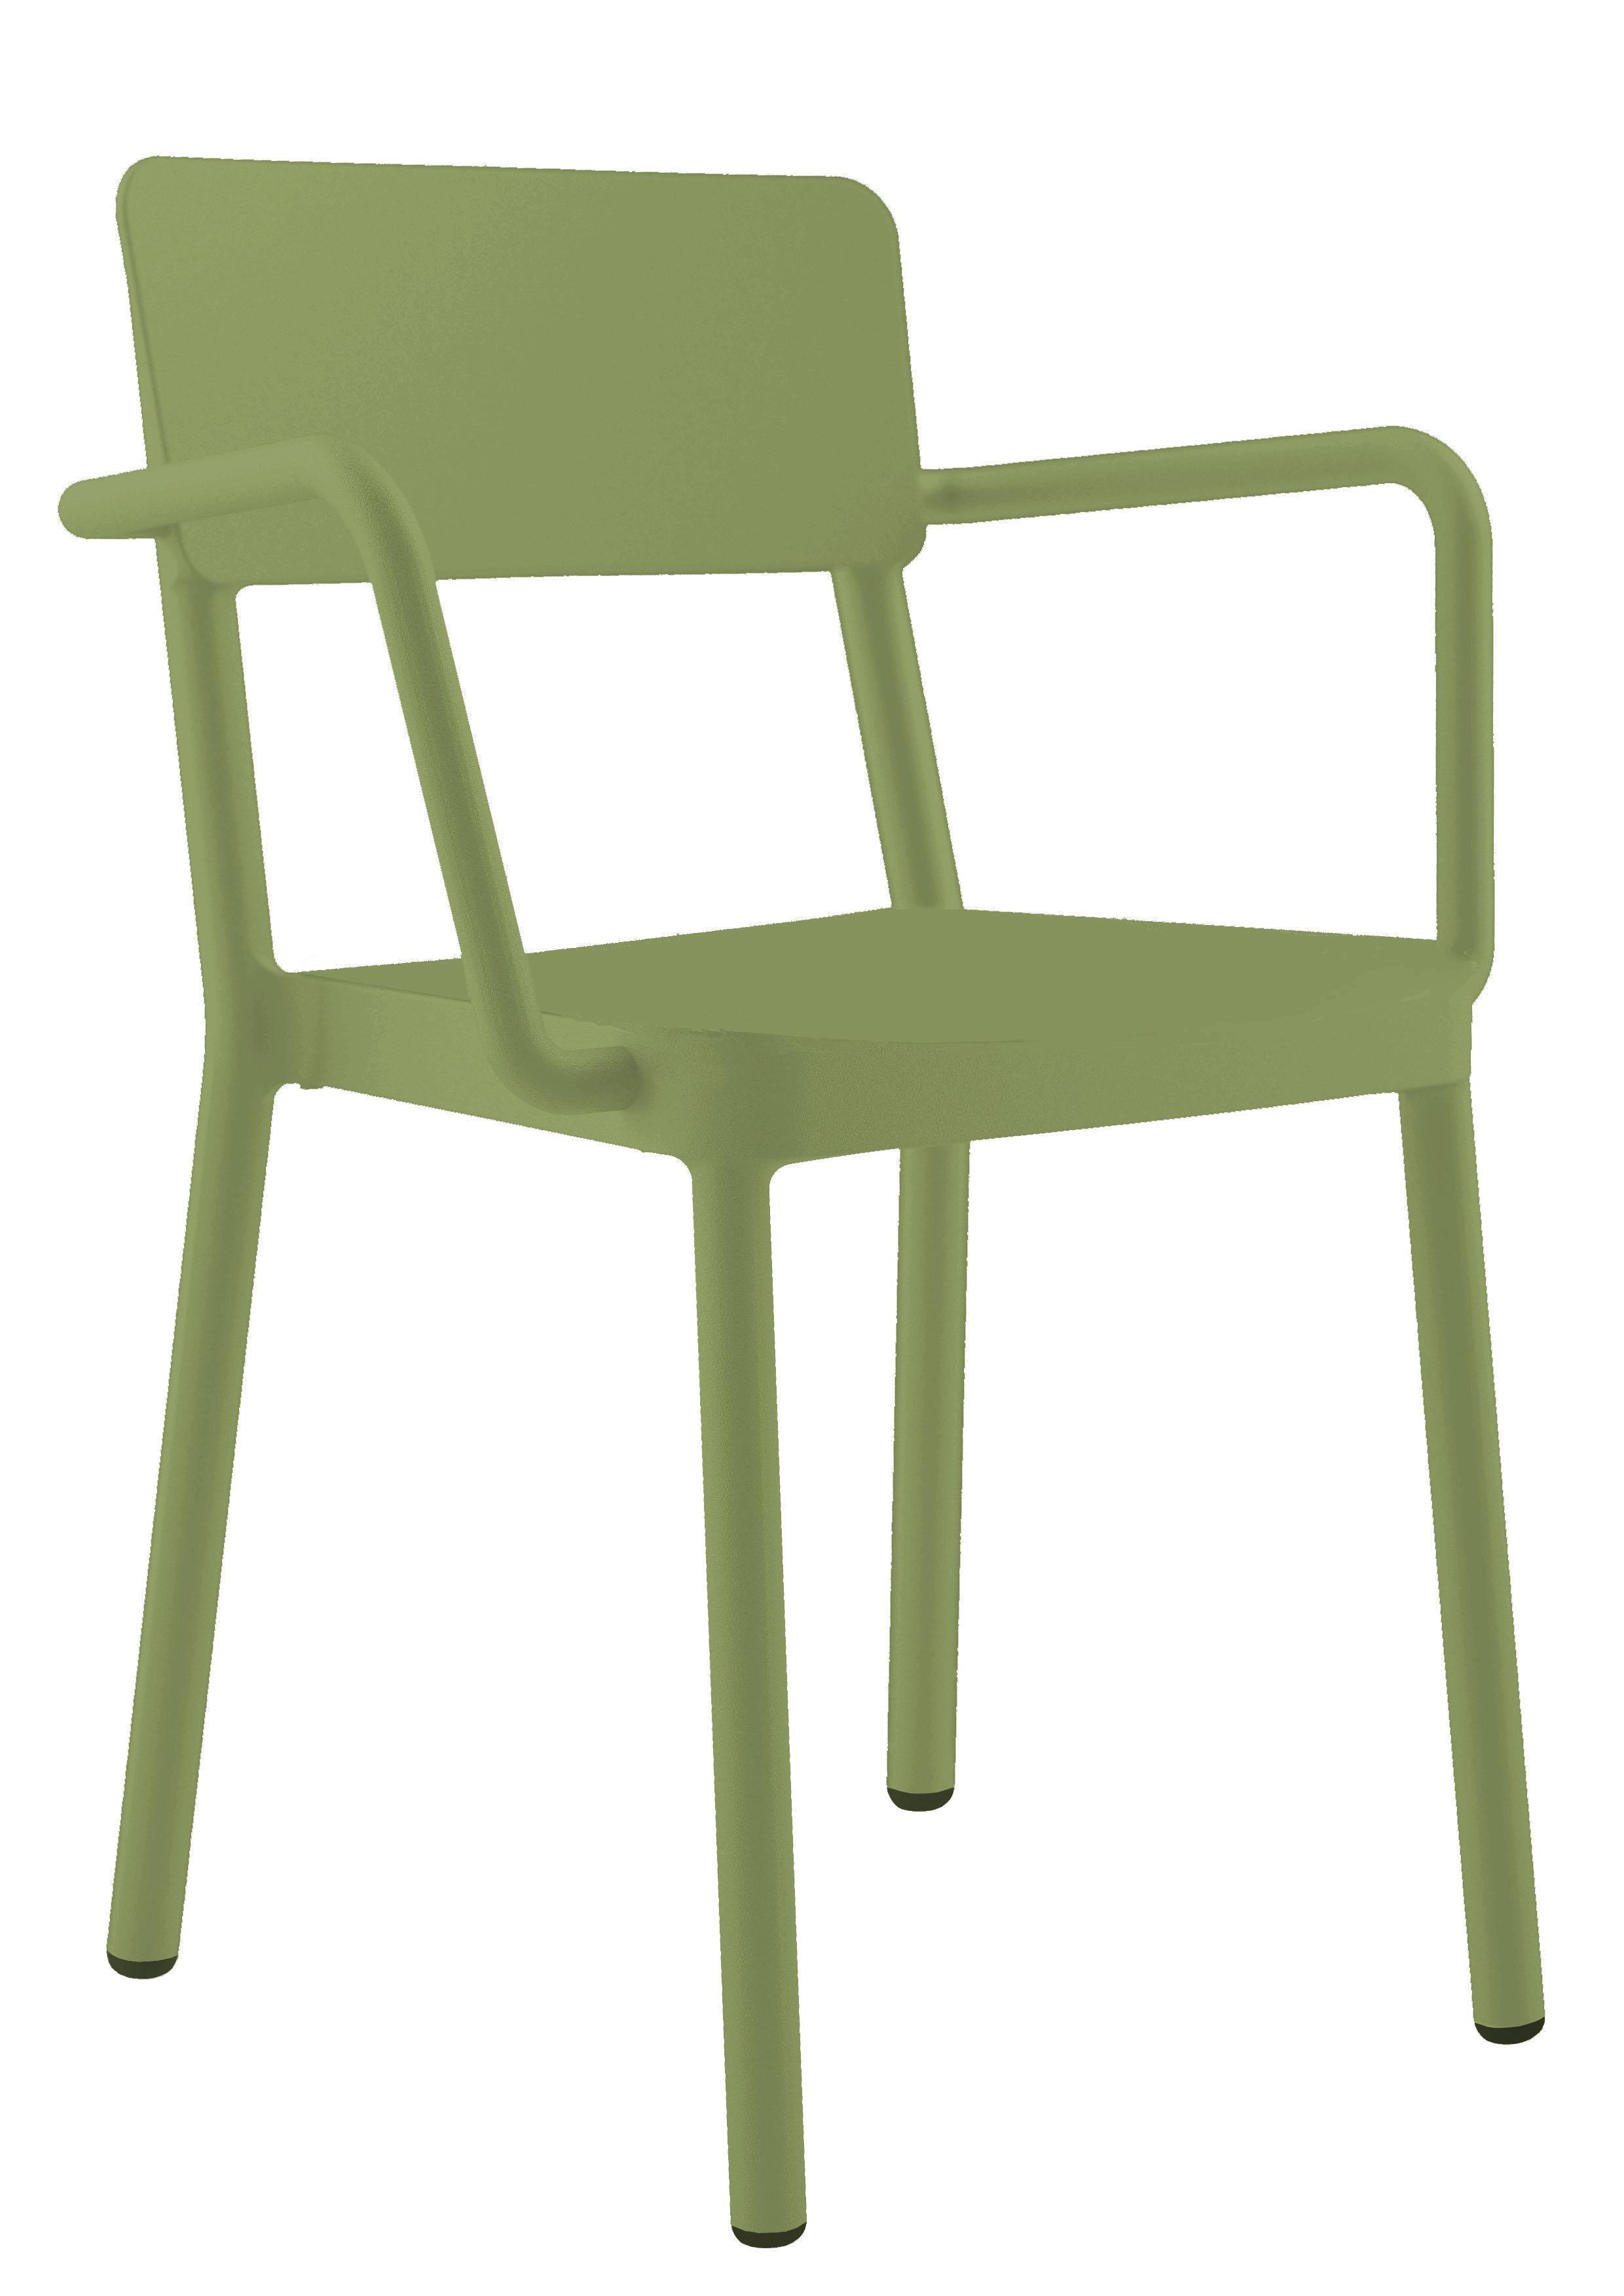 krzesło do restauracji Lisboa do ogródka Resol